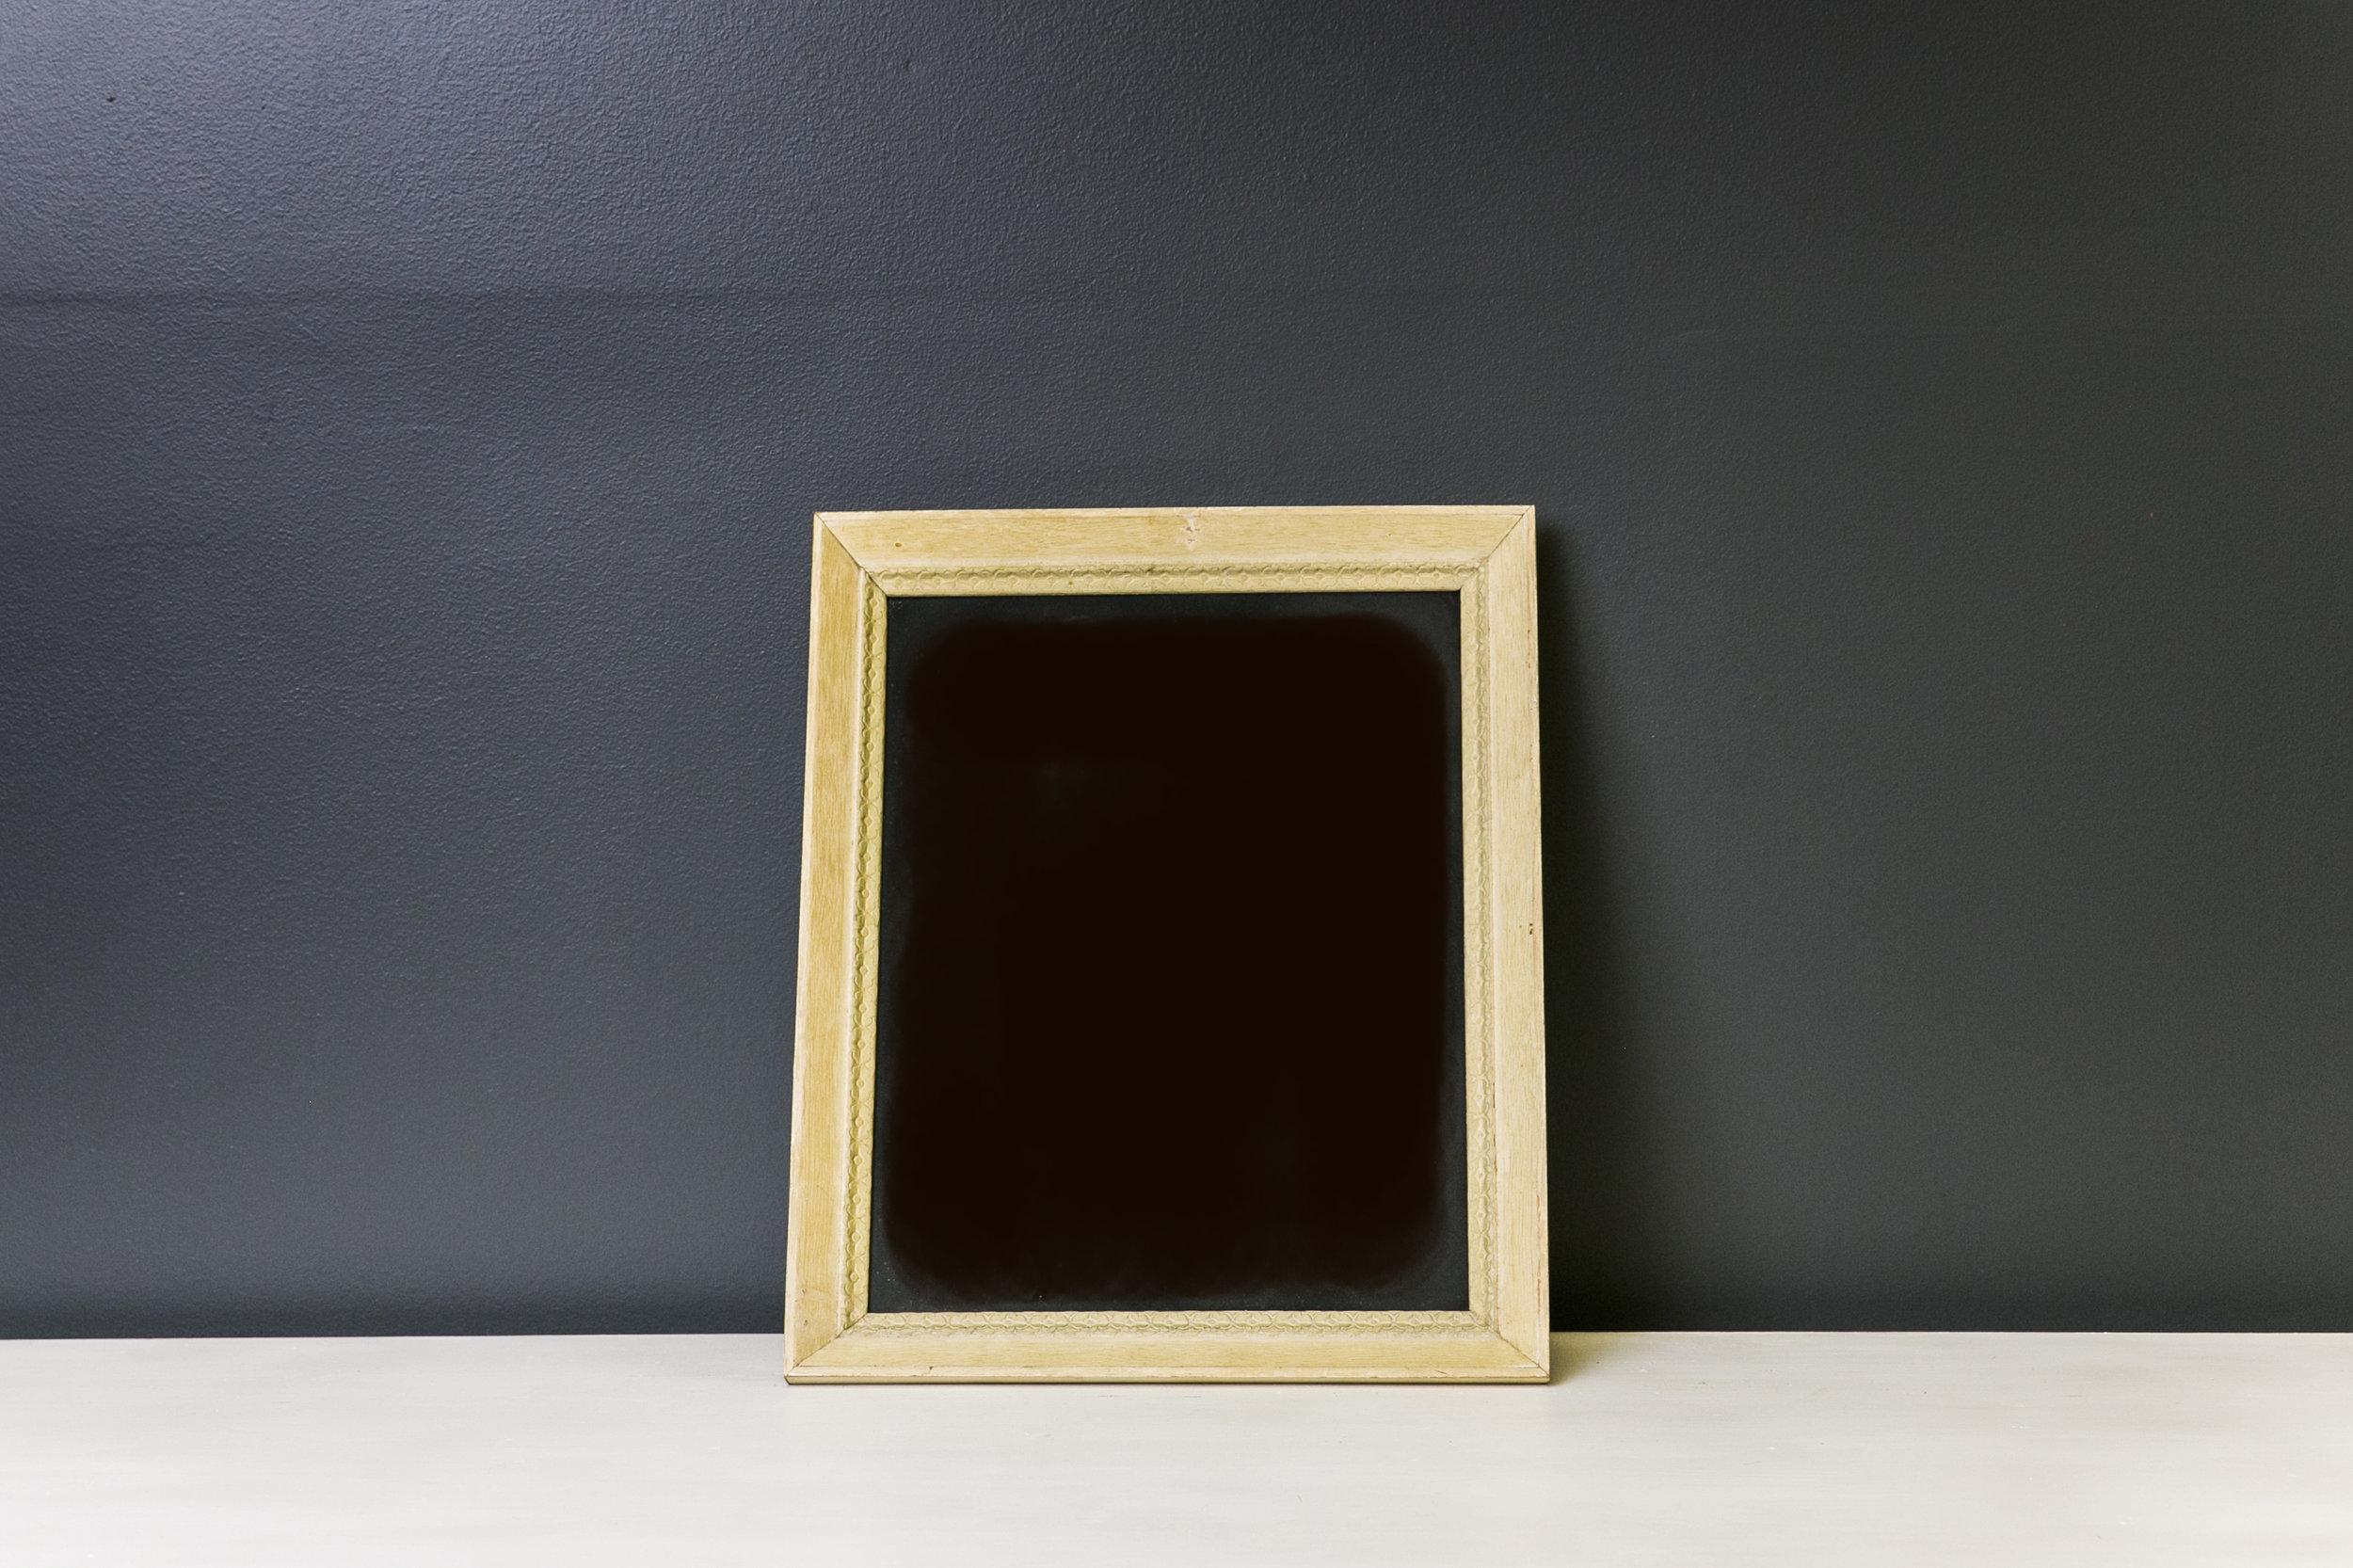 Grady Chalkboard 17 x 15